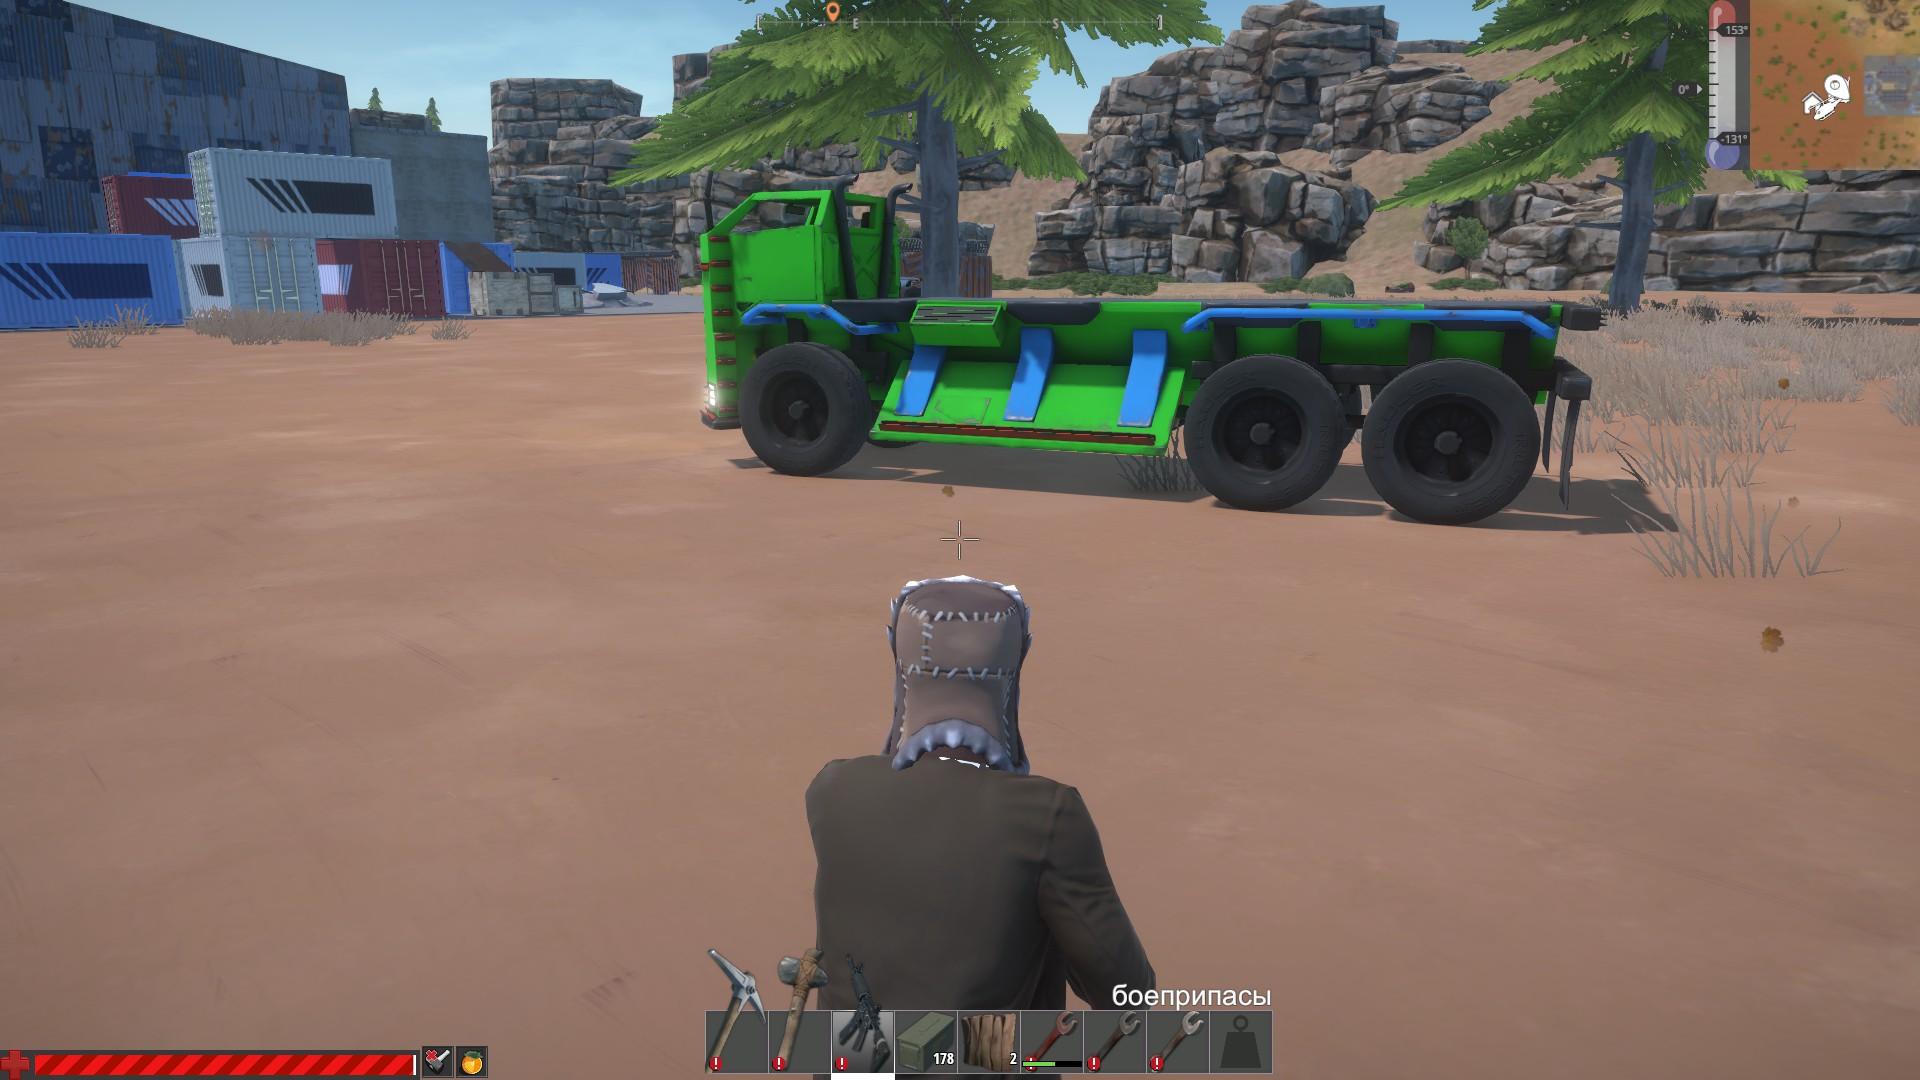 Как собрать грузовик в Hurtworld v2? (Гайд)